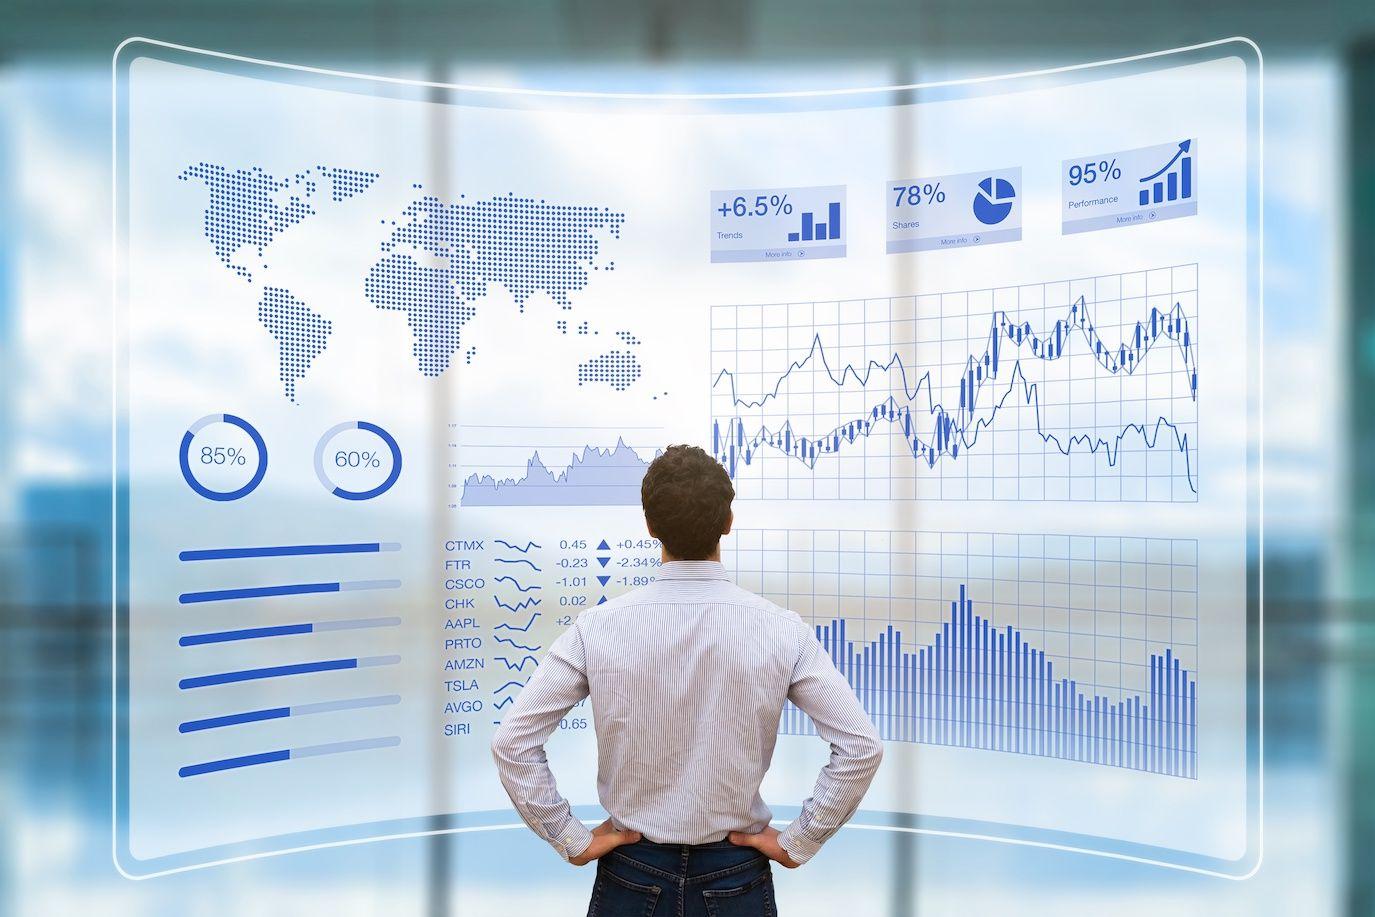 La Plataforma Digital de Inversores, un servicio exclusivo de Latam Networks